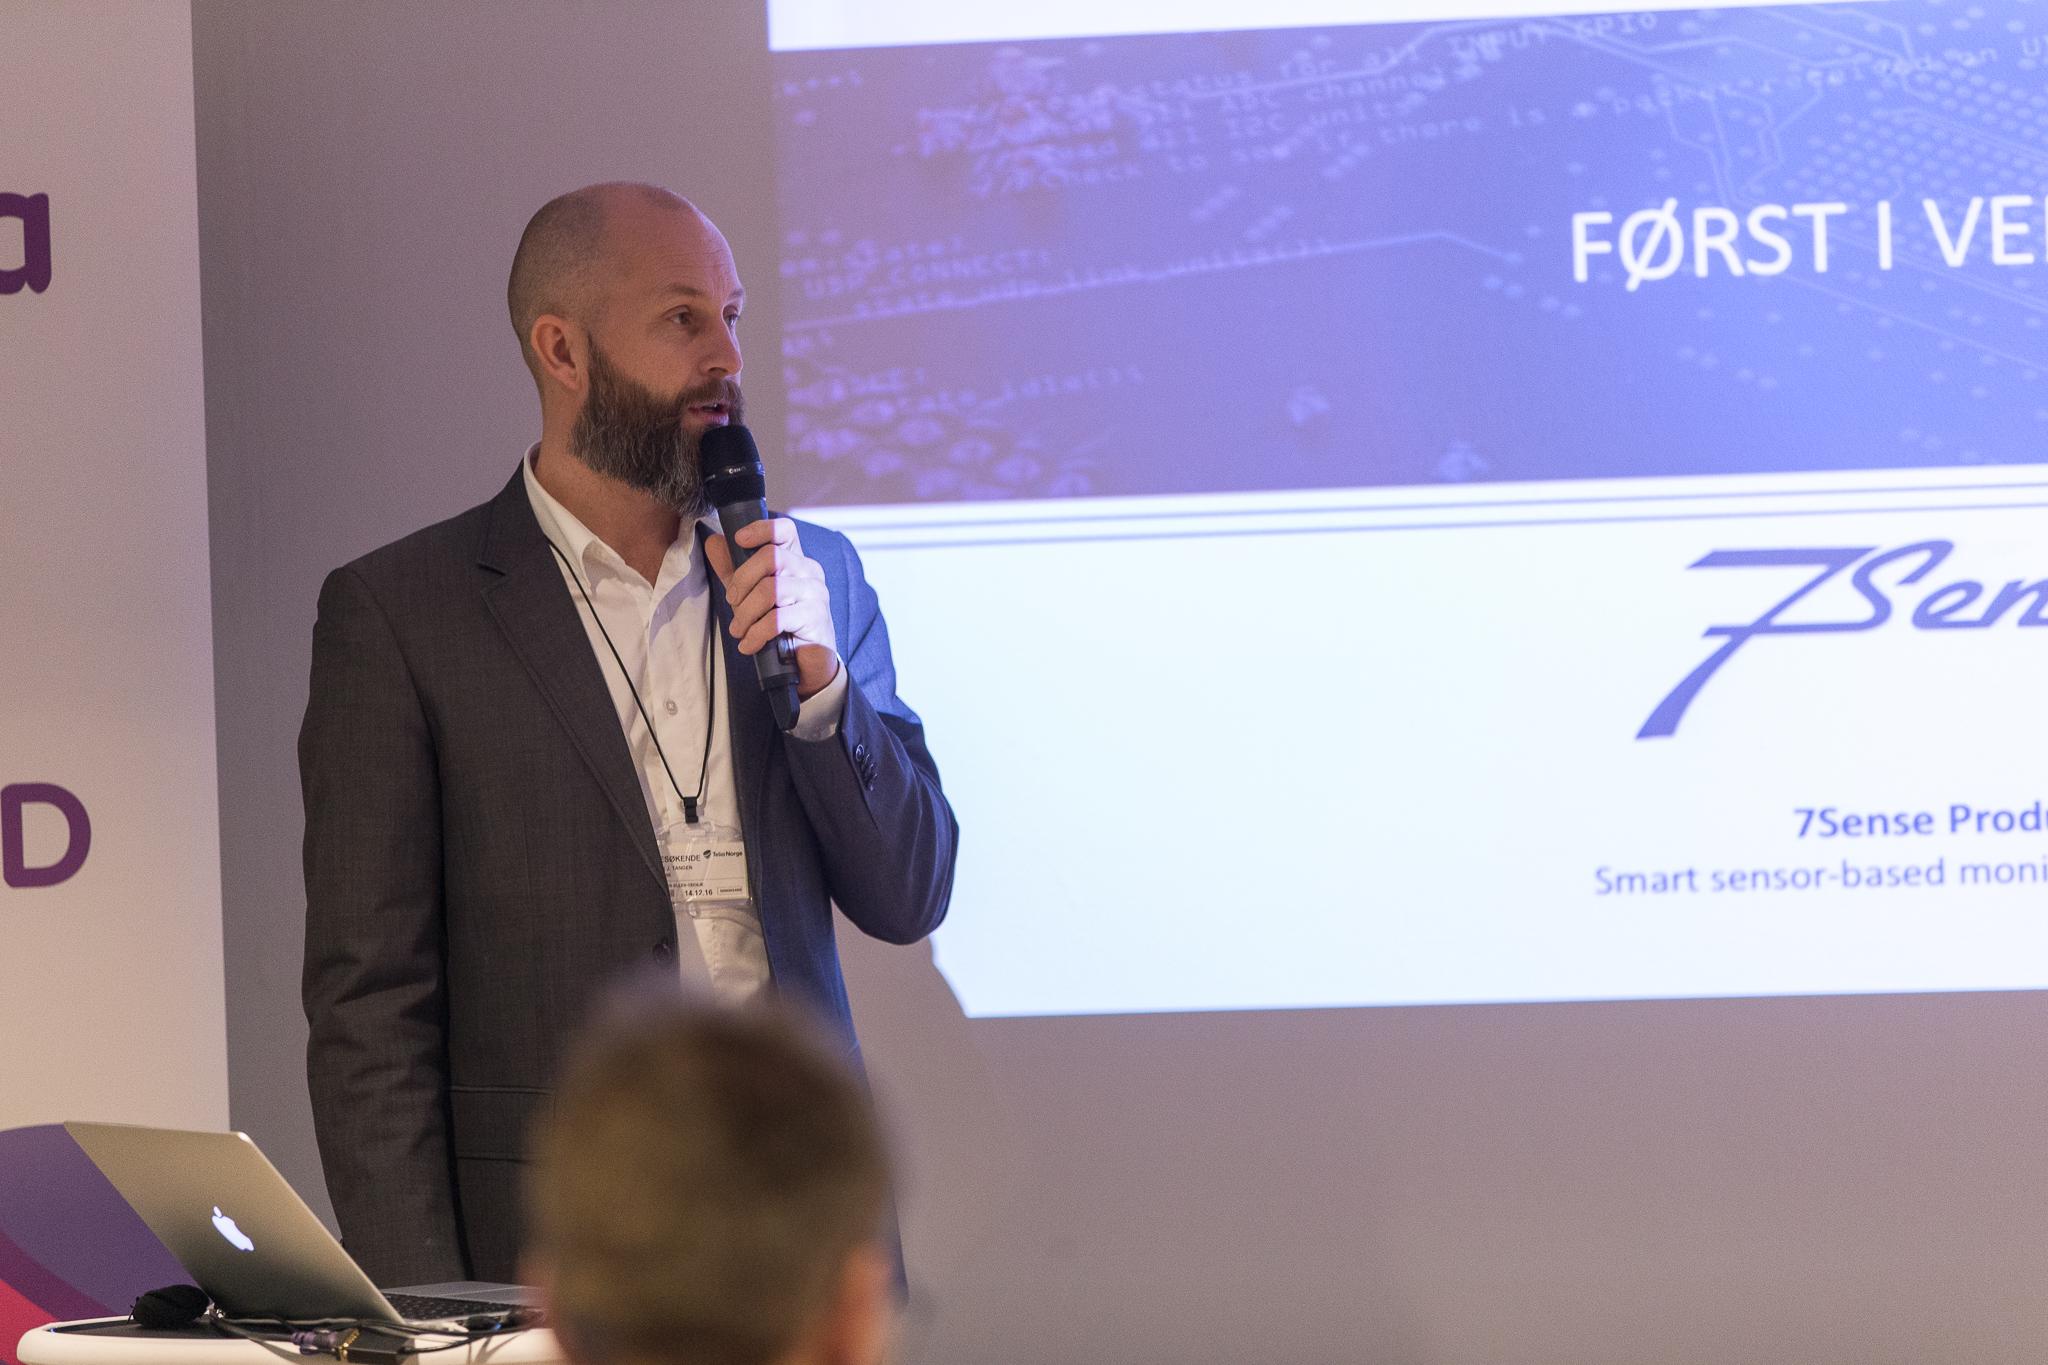 Max J. tangen, CEO i 7Sense forteller om deres smarte landbruksteknologi og veien frem til ferdig produkt.